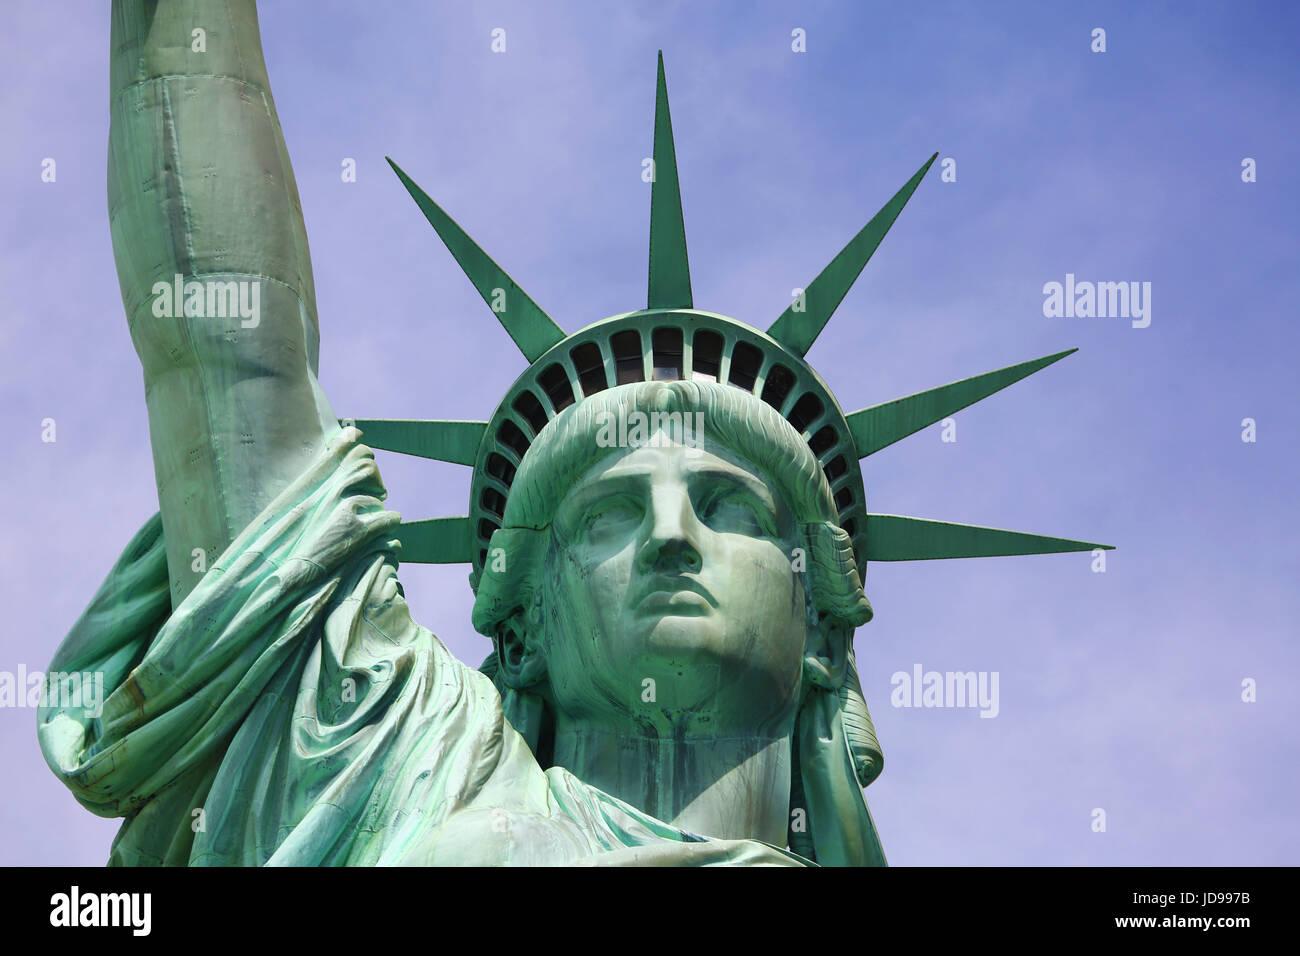 La Estatua de la libertad, de la ciudad de Nueva York, Nueva York, EE.UU. Imagen De Stock